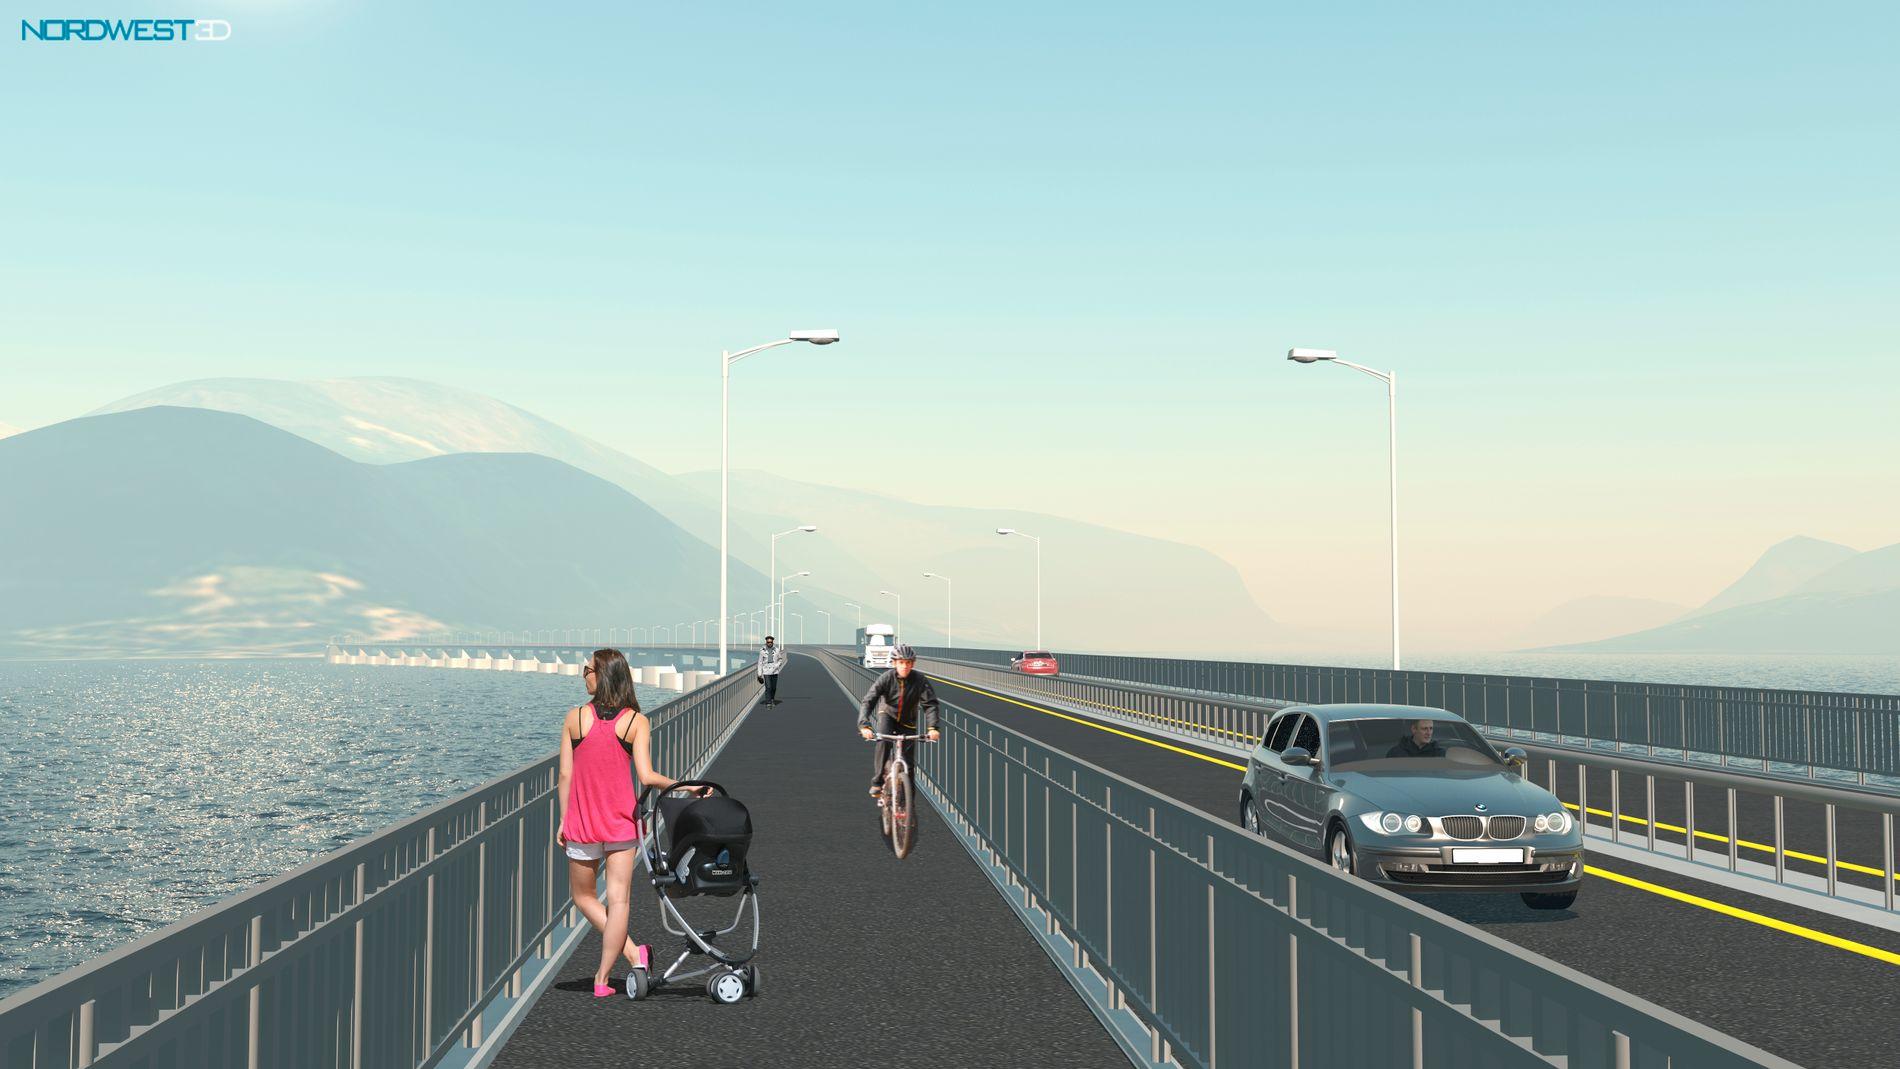 FLYTENDE BRO: Romsdalsfjorden mellom Ålesund og Molde kan krysses ved hjelp av en tre kilometer lang flytende bro, og det blir rimeligere, flottere og bedre for alle, mener forkjemperne for Romsdalsaksen.